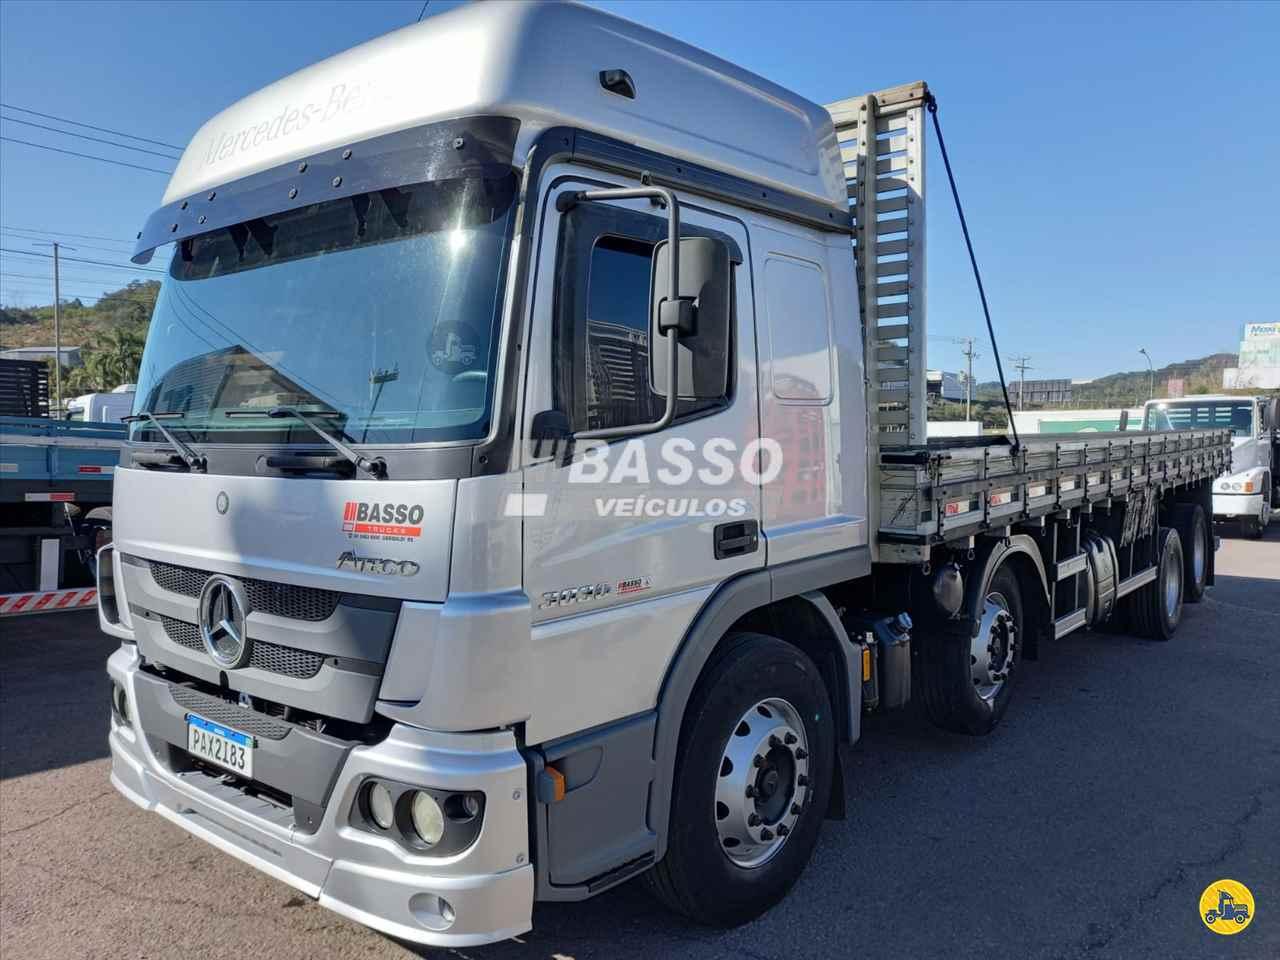 MB 3030 de Basso Veículos - GARIBALDI/RS